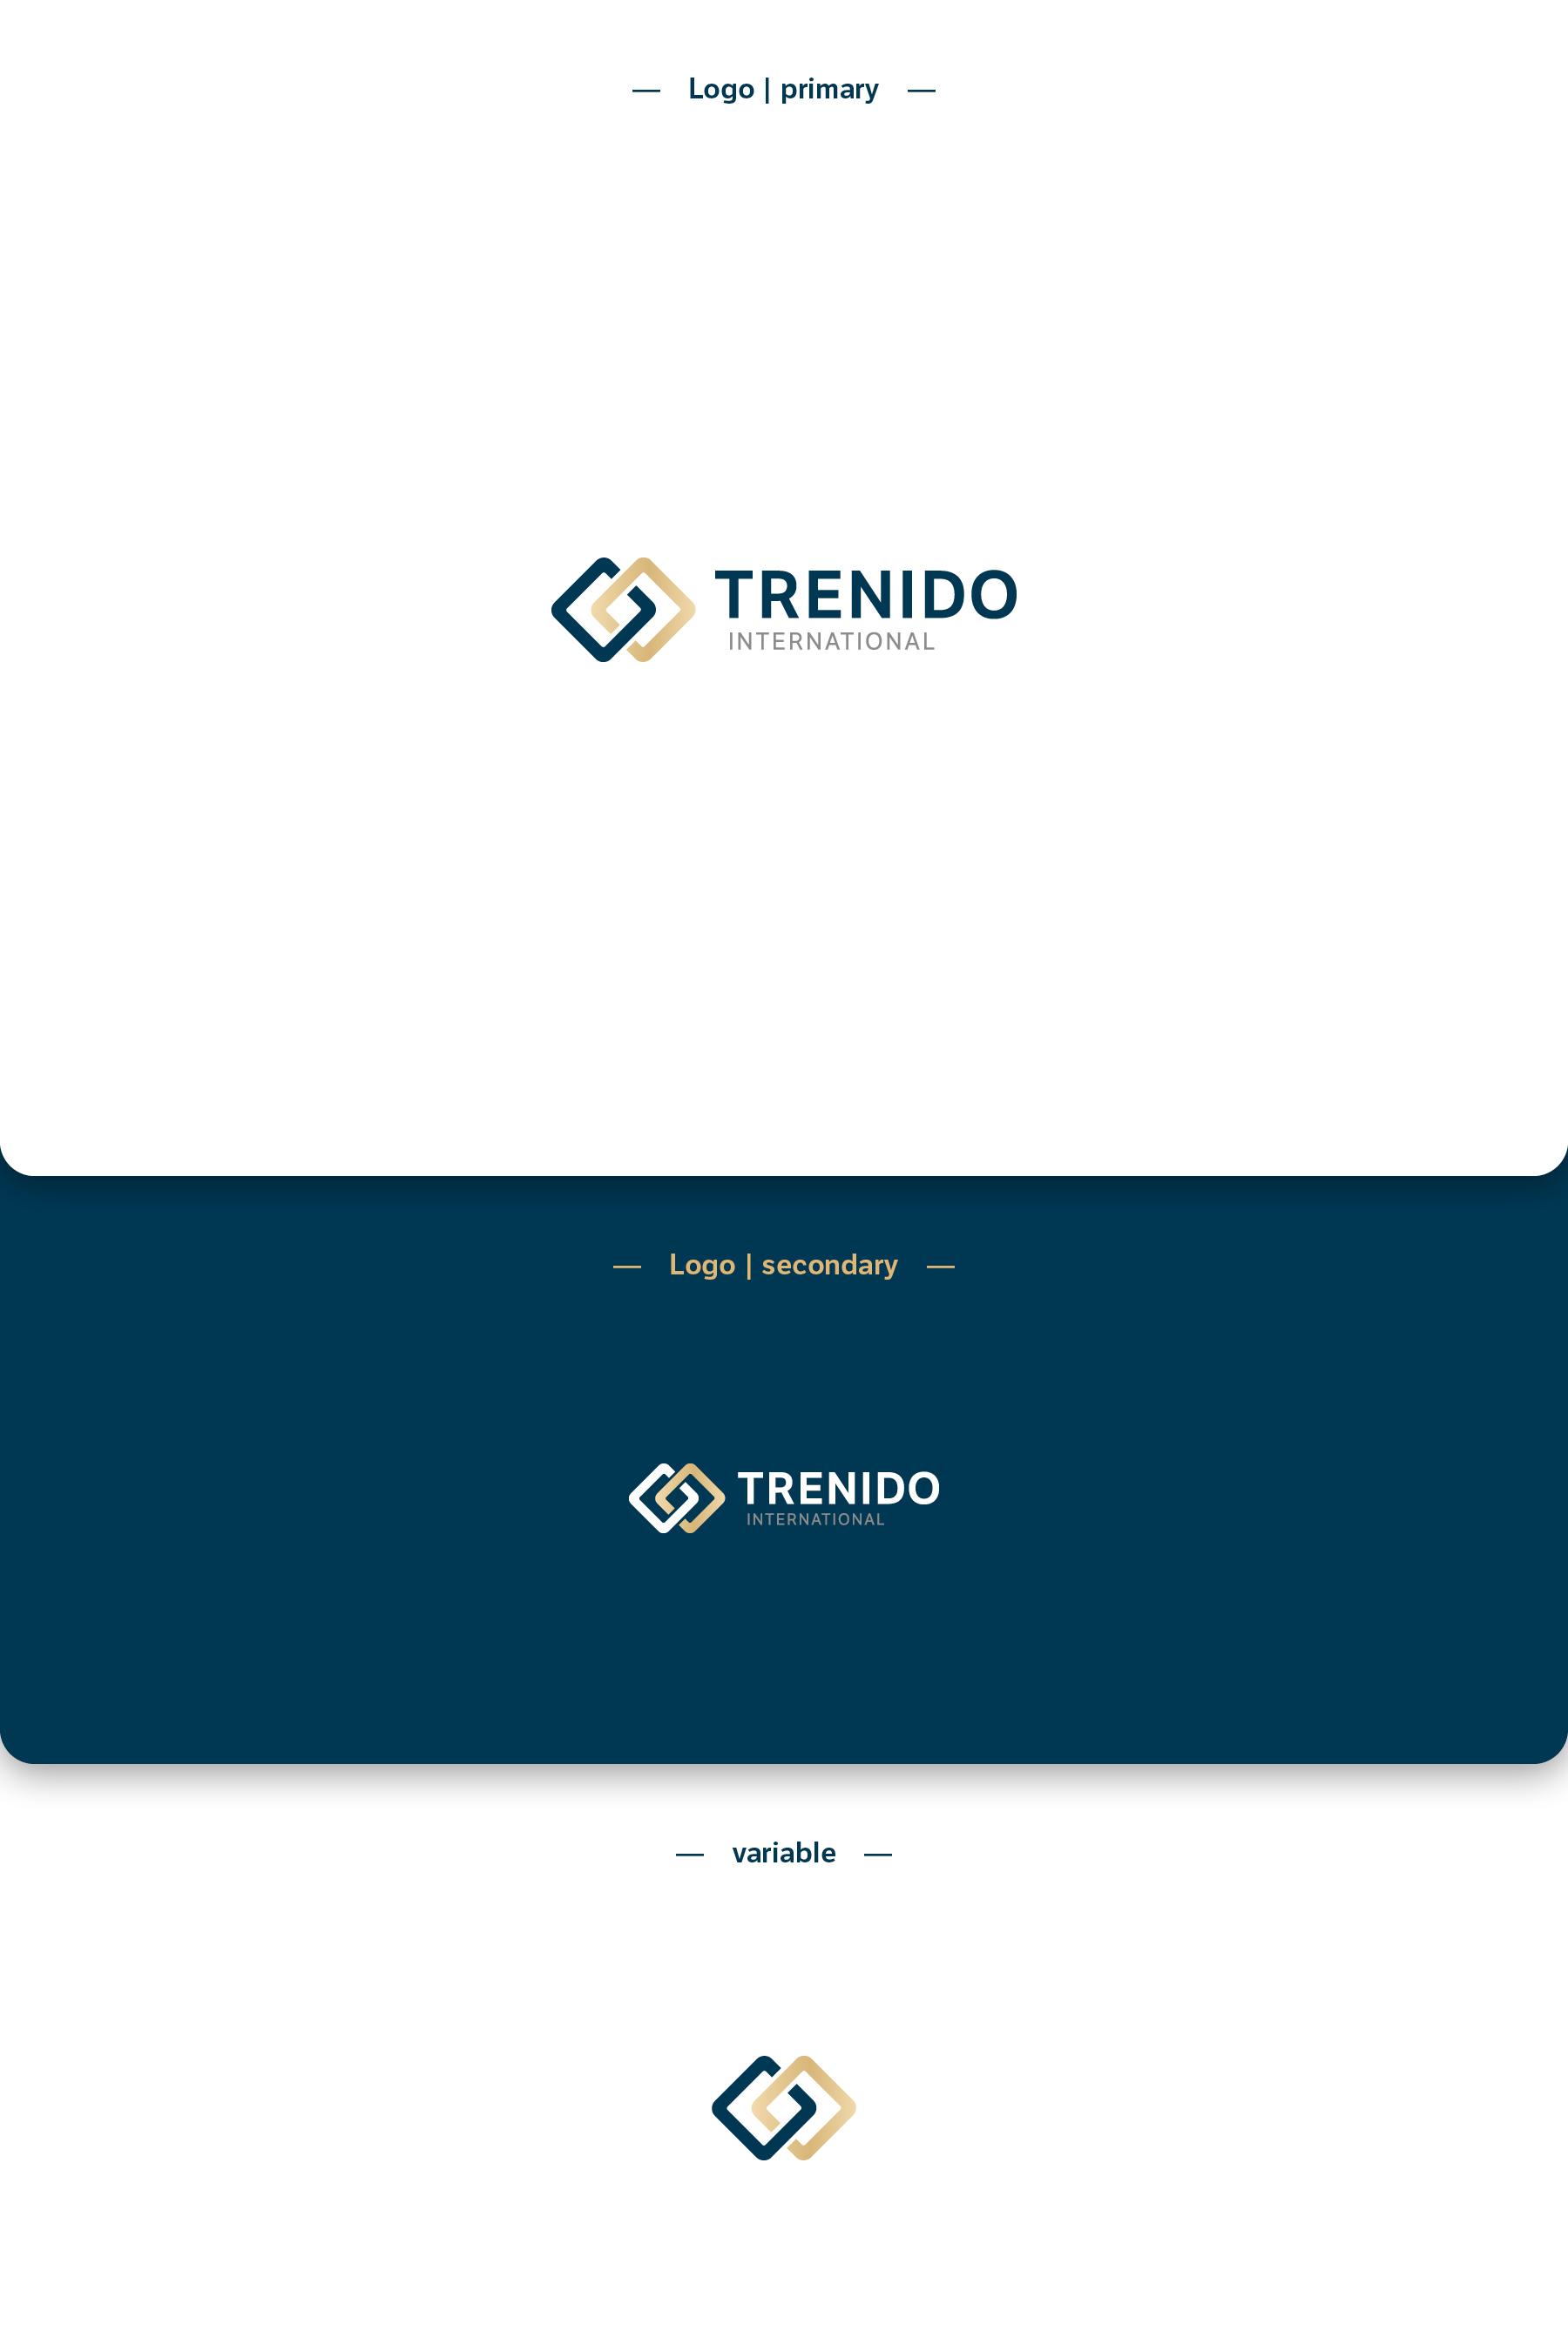 trenido-gestaltung-grafikdesign